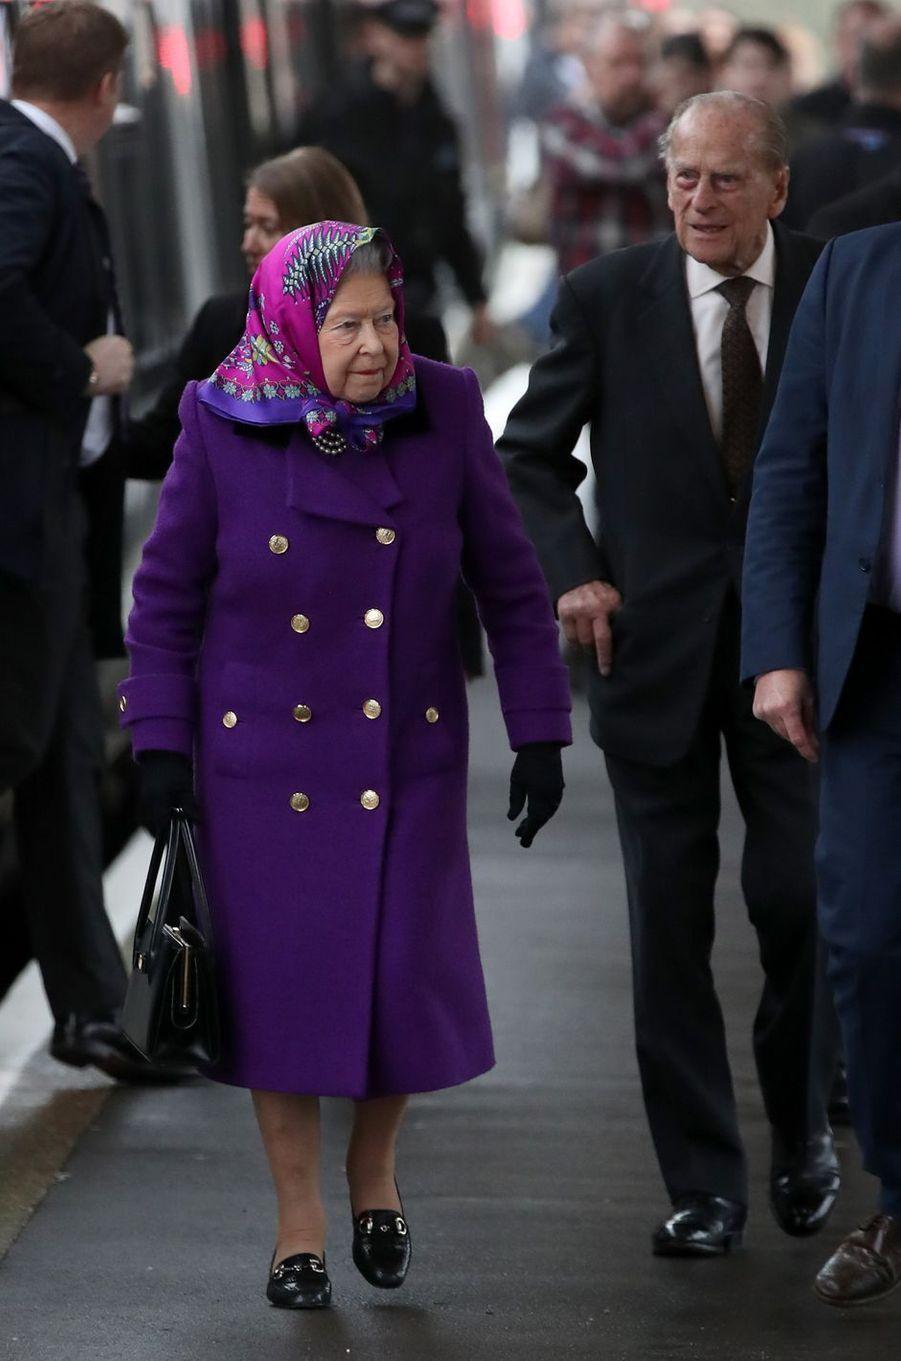 La reine Elizabeth II et le prince Philip à la gare de King's Lynn, le 21 décembre 2017